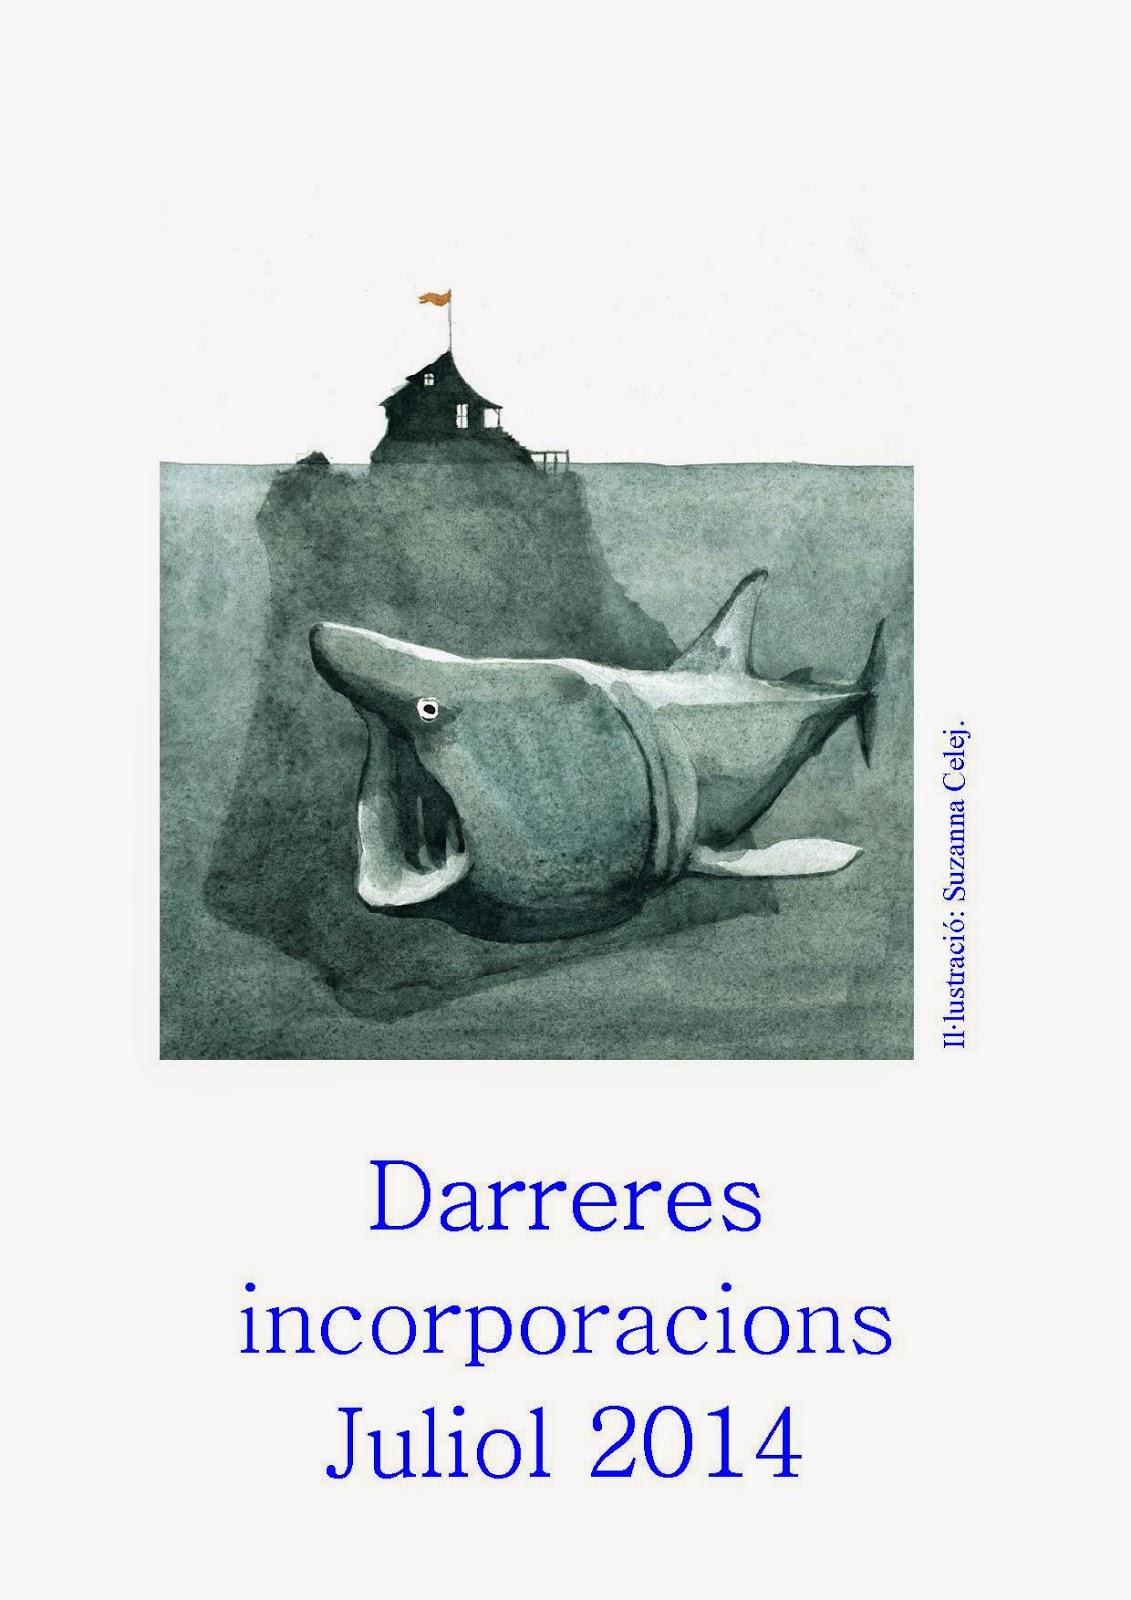 http://issuu.com/biblioteca_ca_n_altimira/docs/novetats__juliol_2014/0